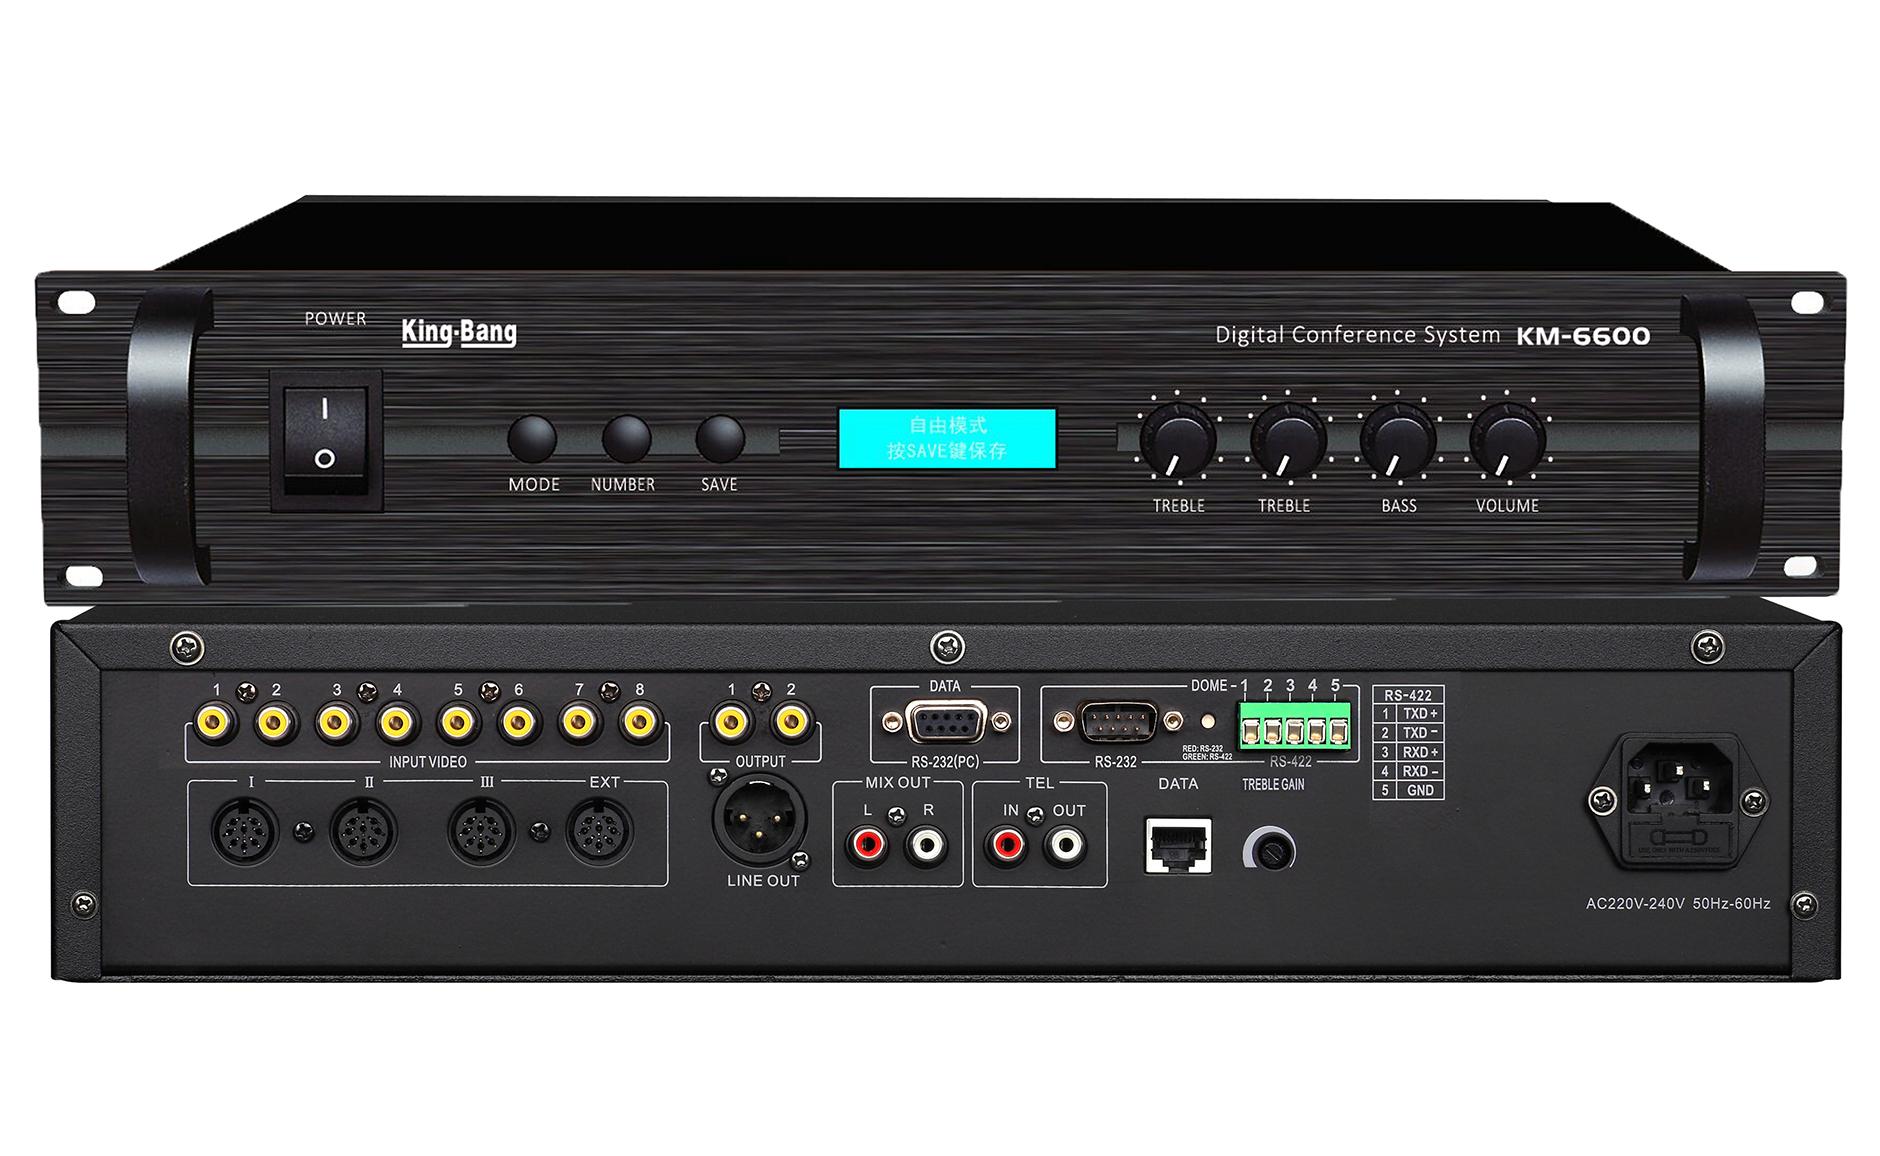 讨论、表决、视像型会议系统主机KM-6600(新款)